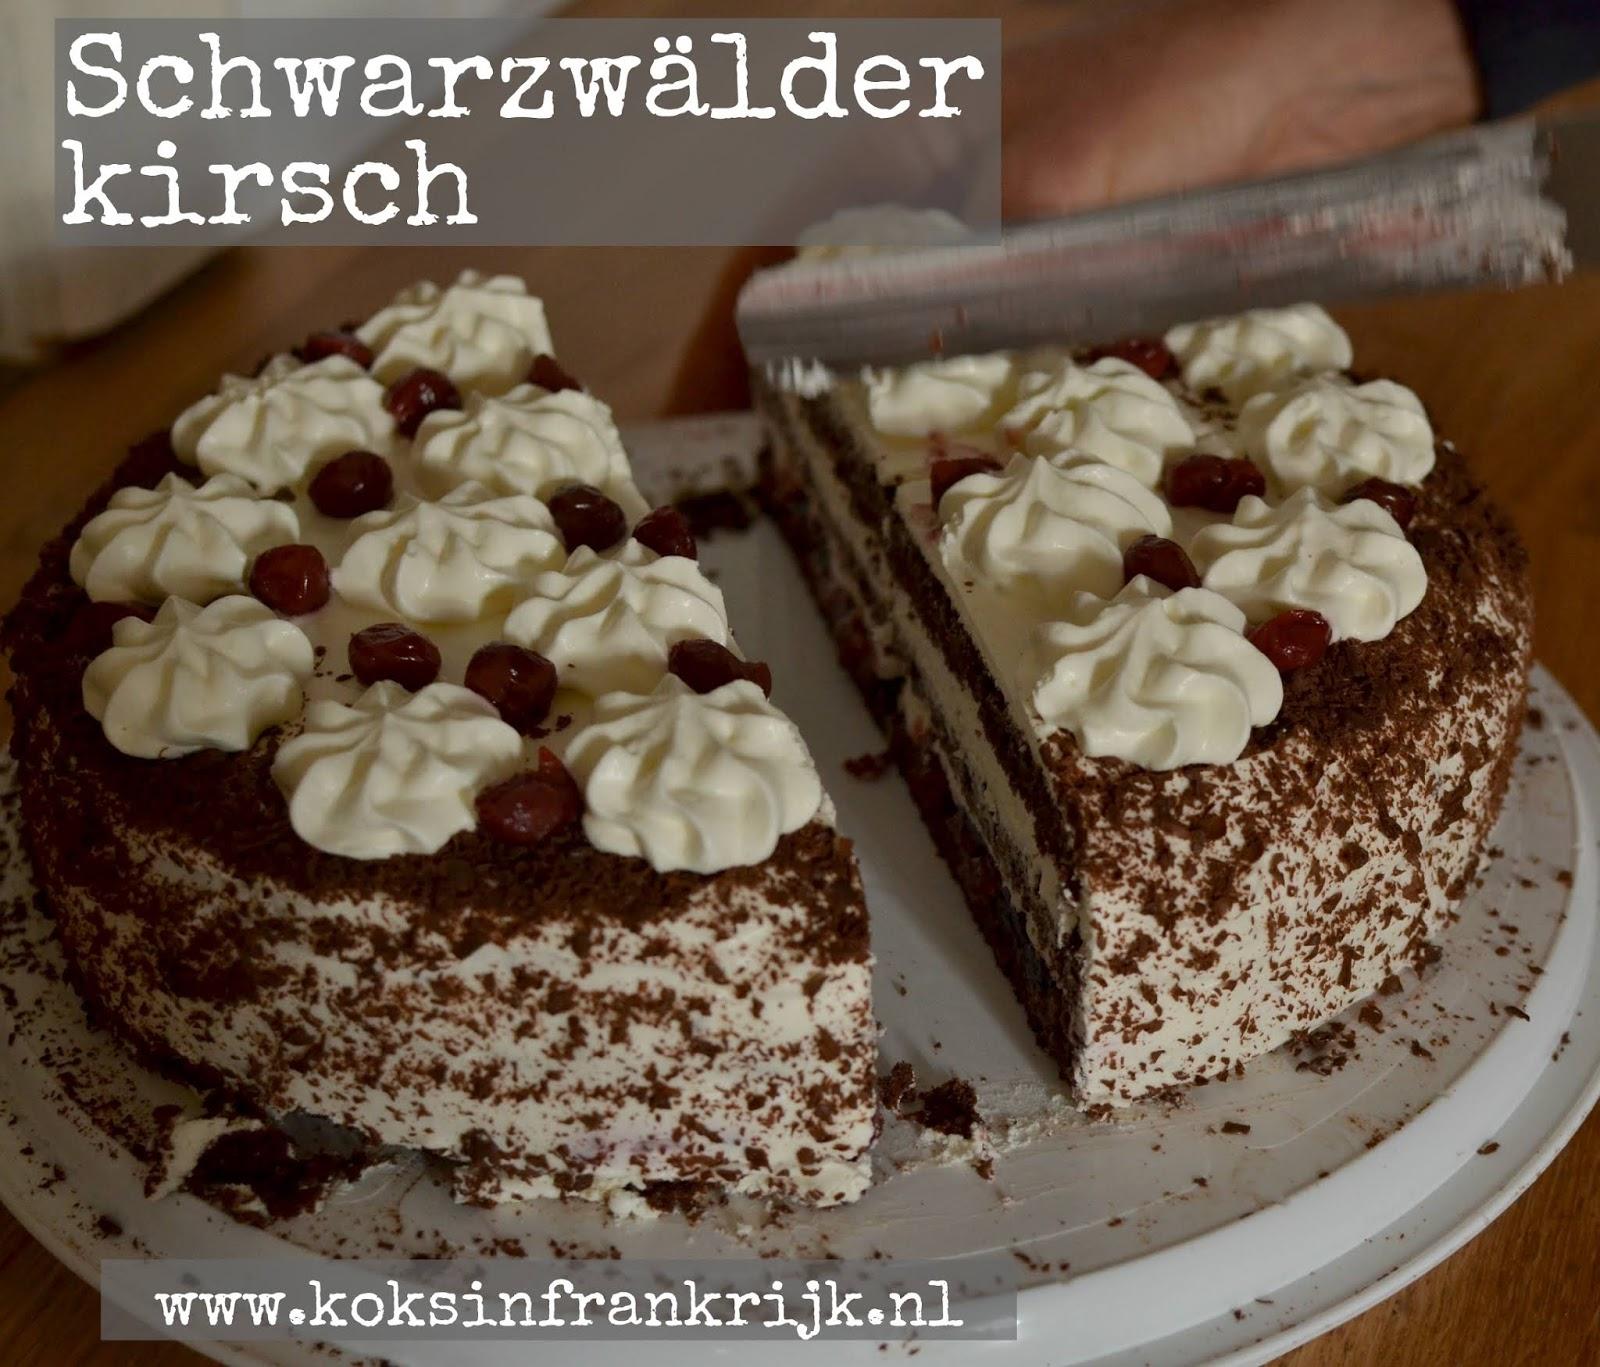 Recept voor schwarzwälder kirsch taart - fôret-noire